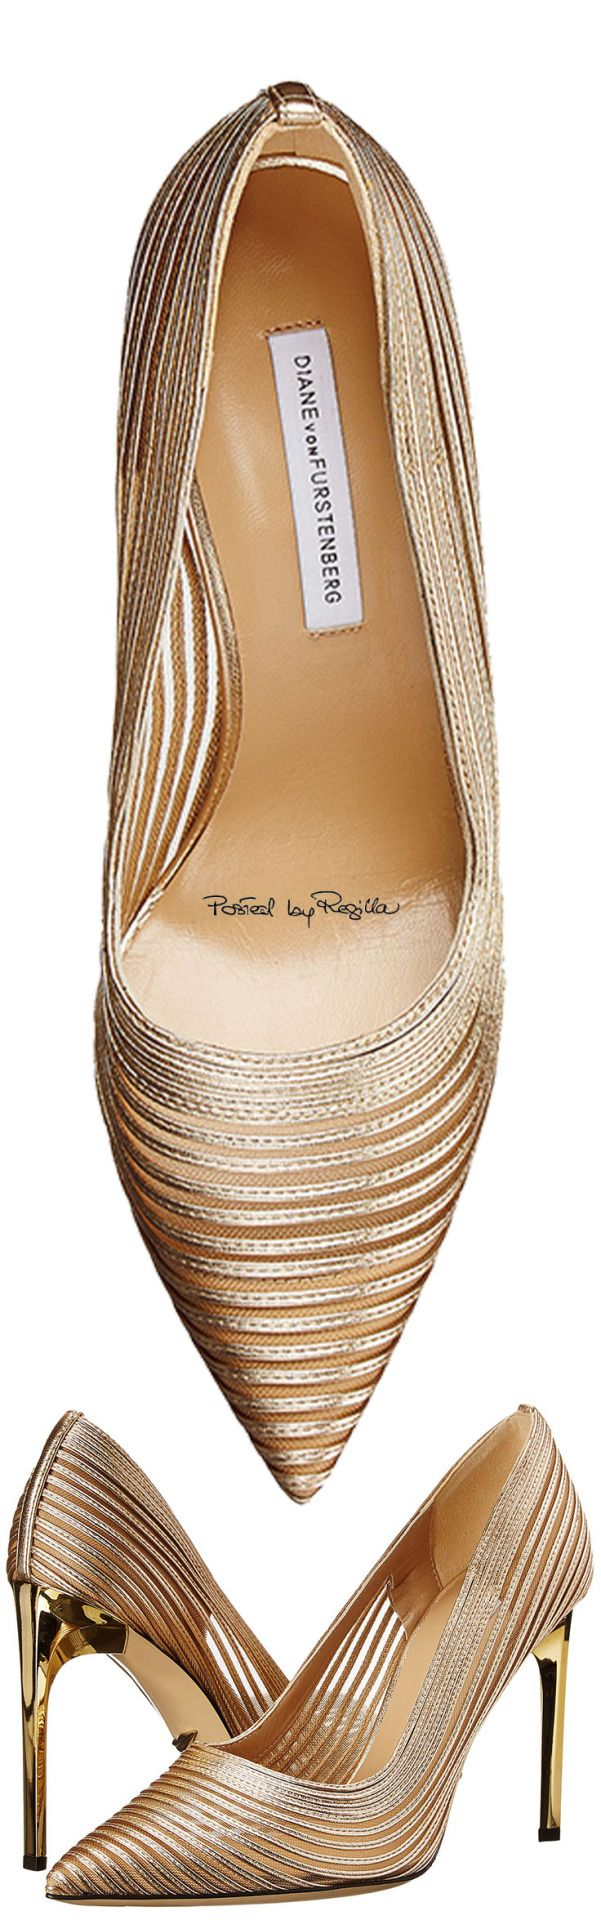 A favorite pair of designer/socialite Diane vonFurstenberg's heels   Regilla ⚜ Una Fiorentina in California